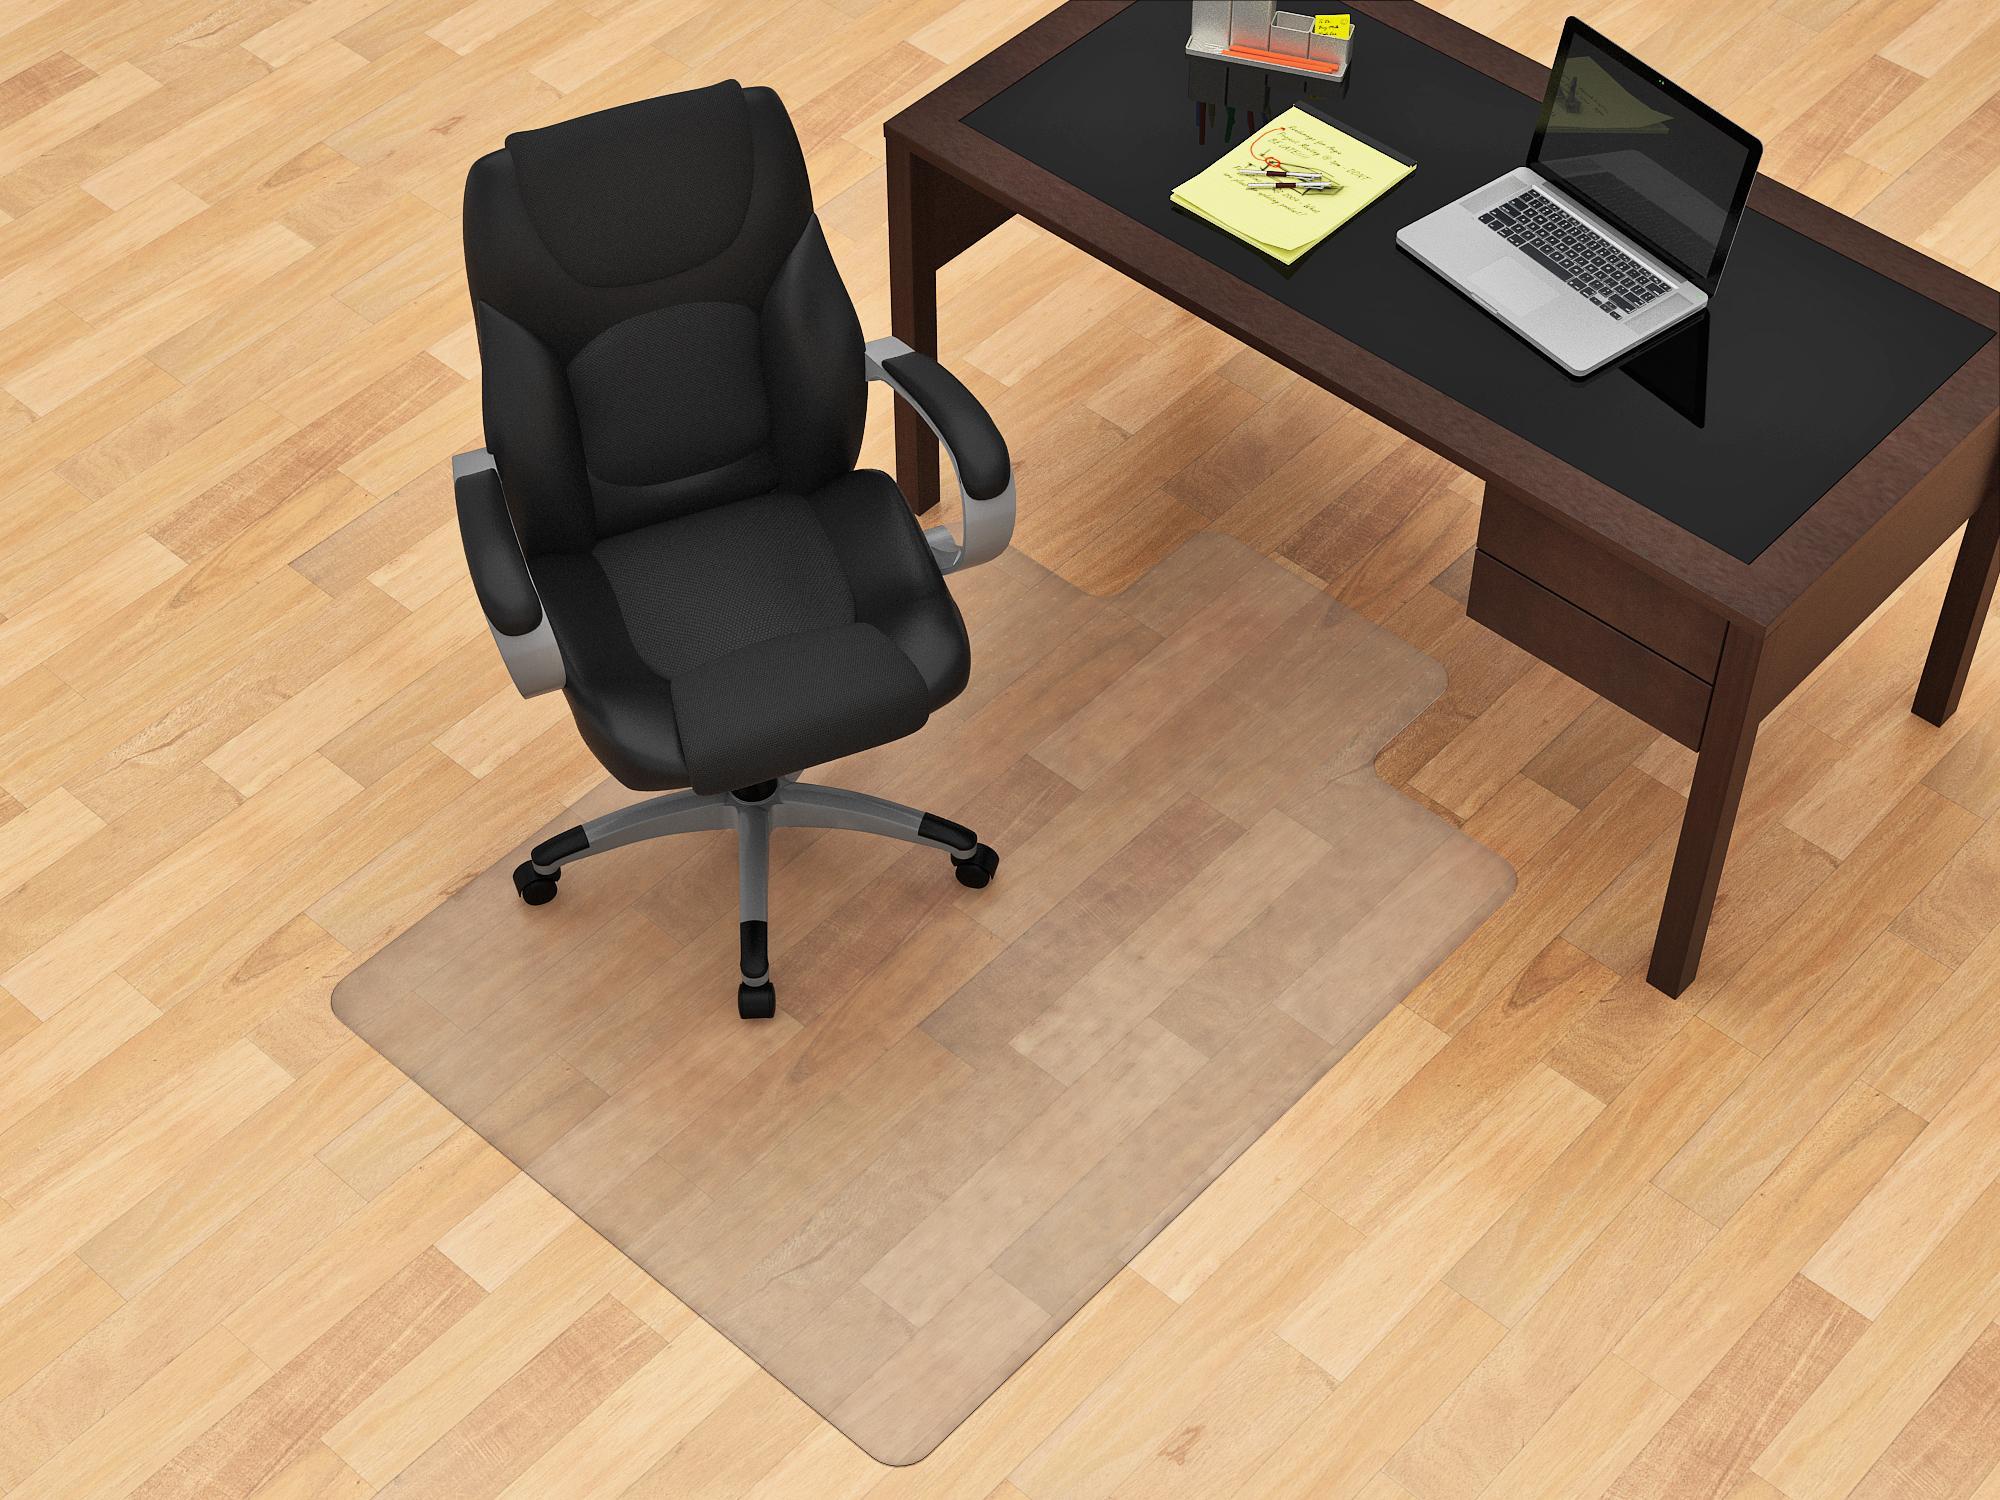 Z Line Designs ZLCM 003 45 X 53 Hardfloor Chairmat